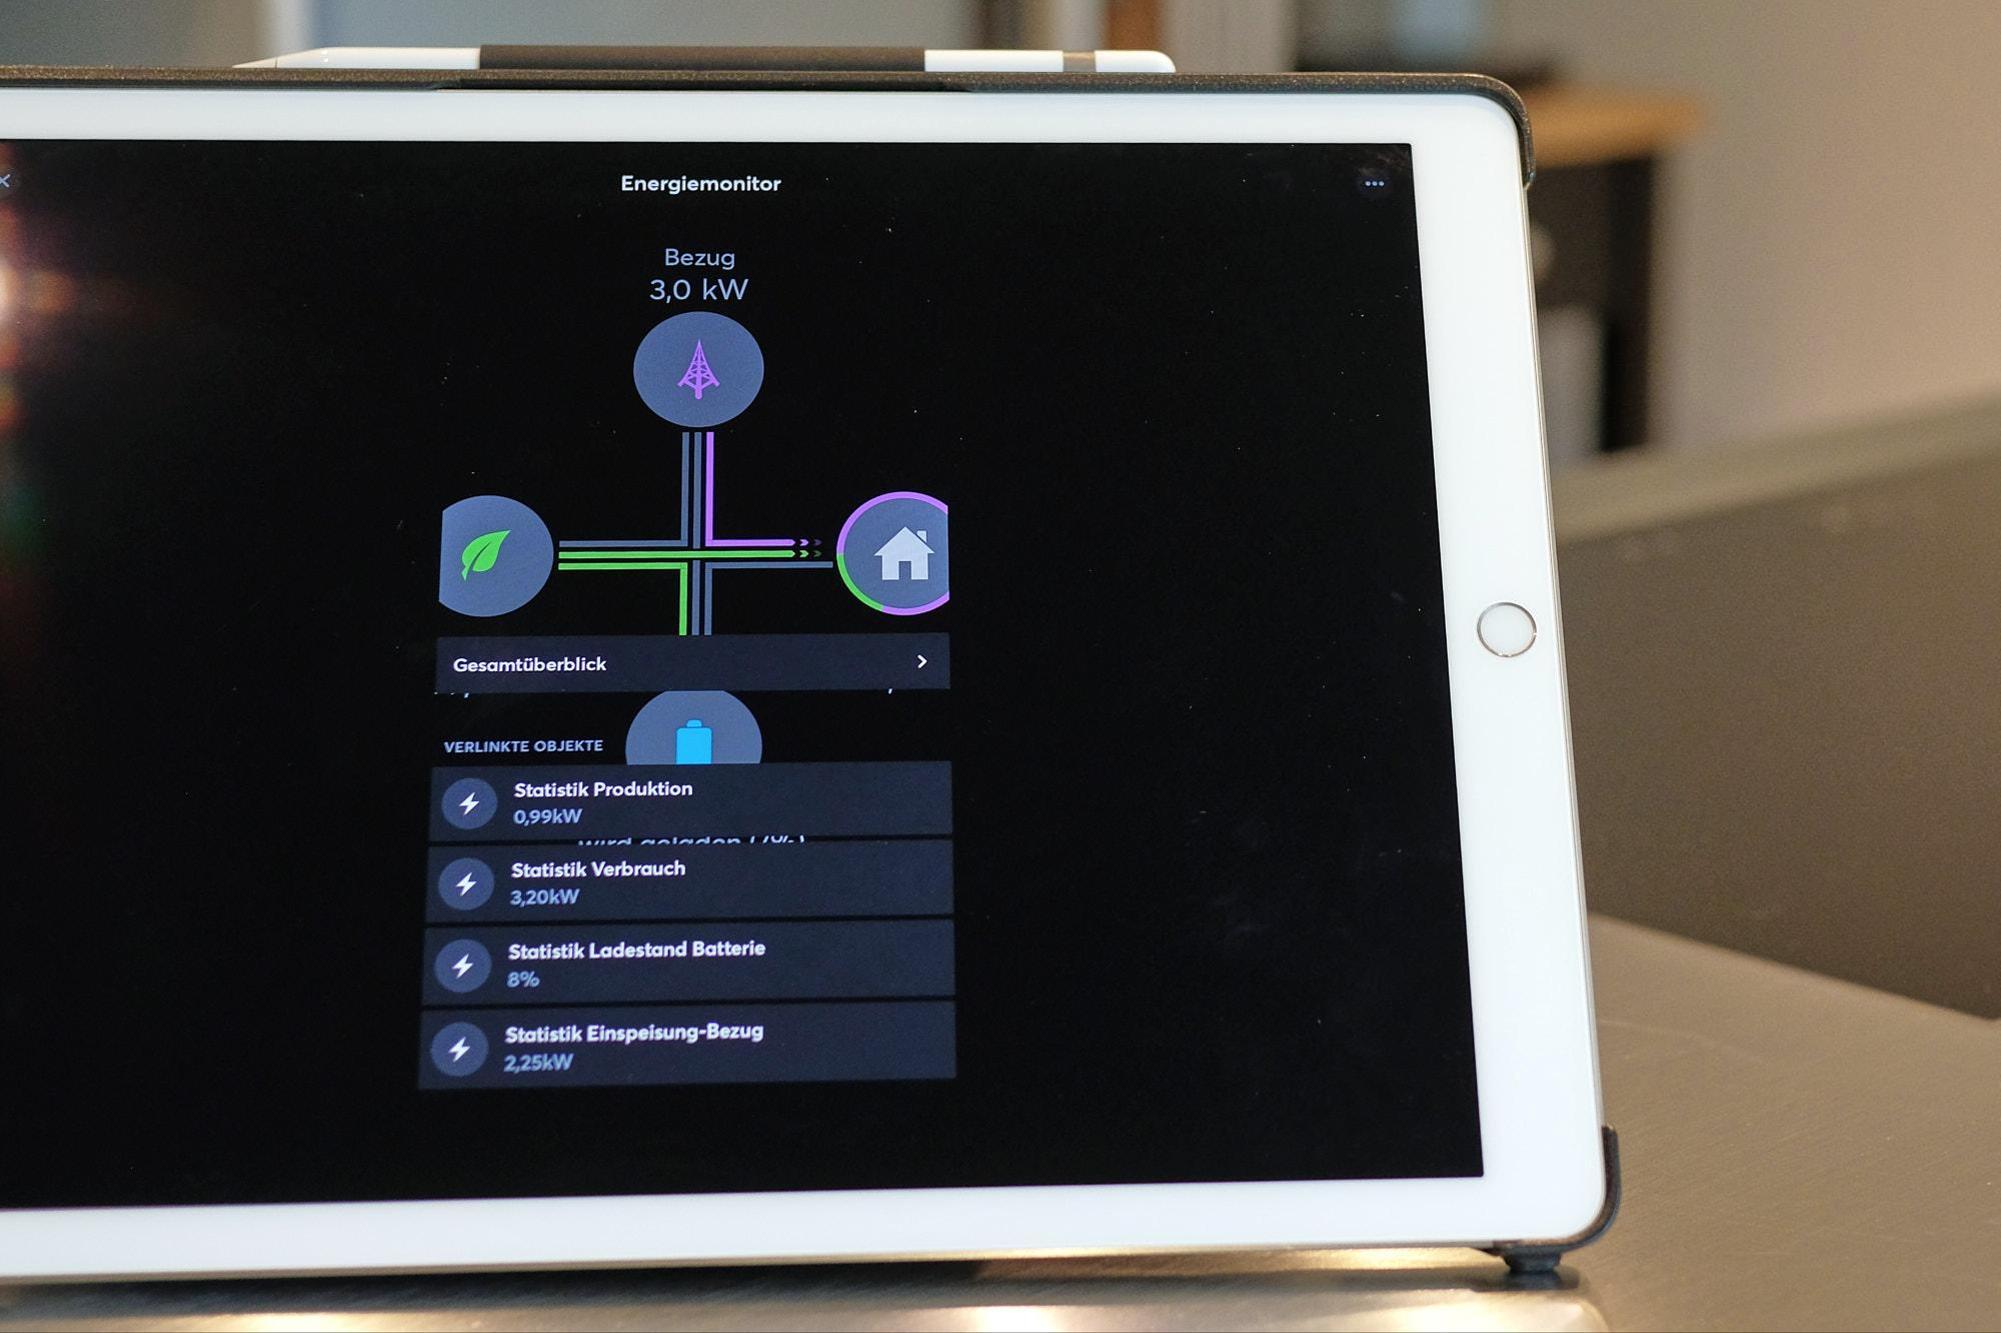 La tablette fournit également des informations actualisées sur l'état des systèmes, par exemple, sur la source qui consomme le plus d'énergie. Jan Graber